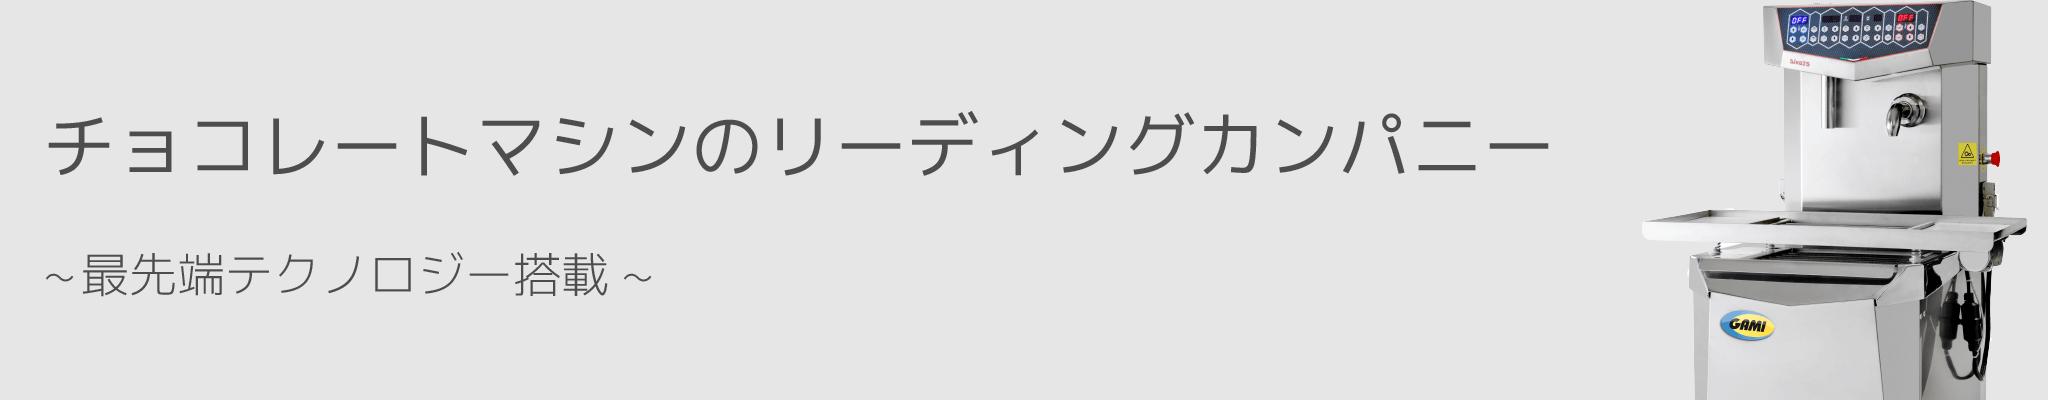 チョコレートマシンのリーディングカンパニー〜最先端テクノロジー搭載〜